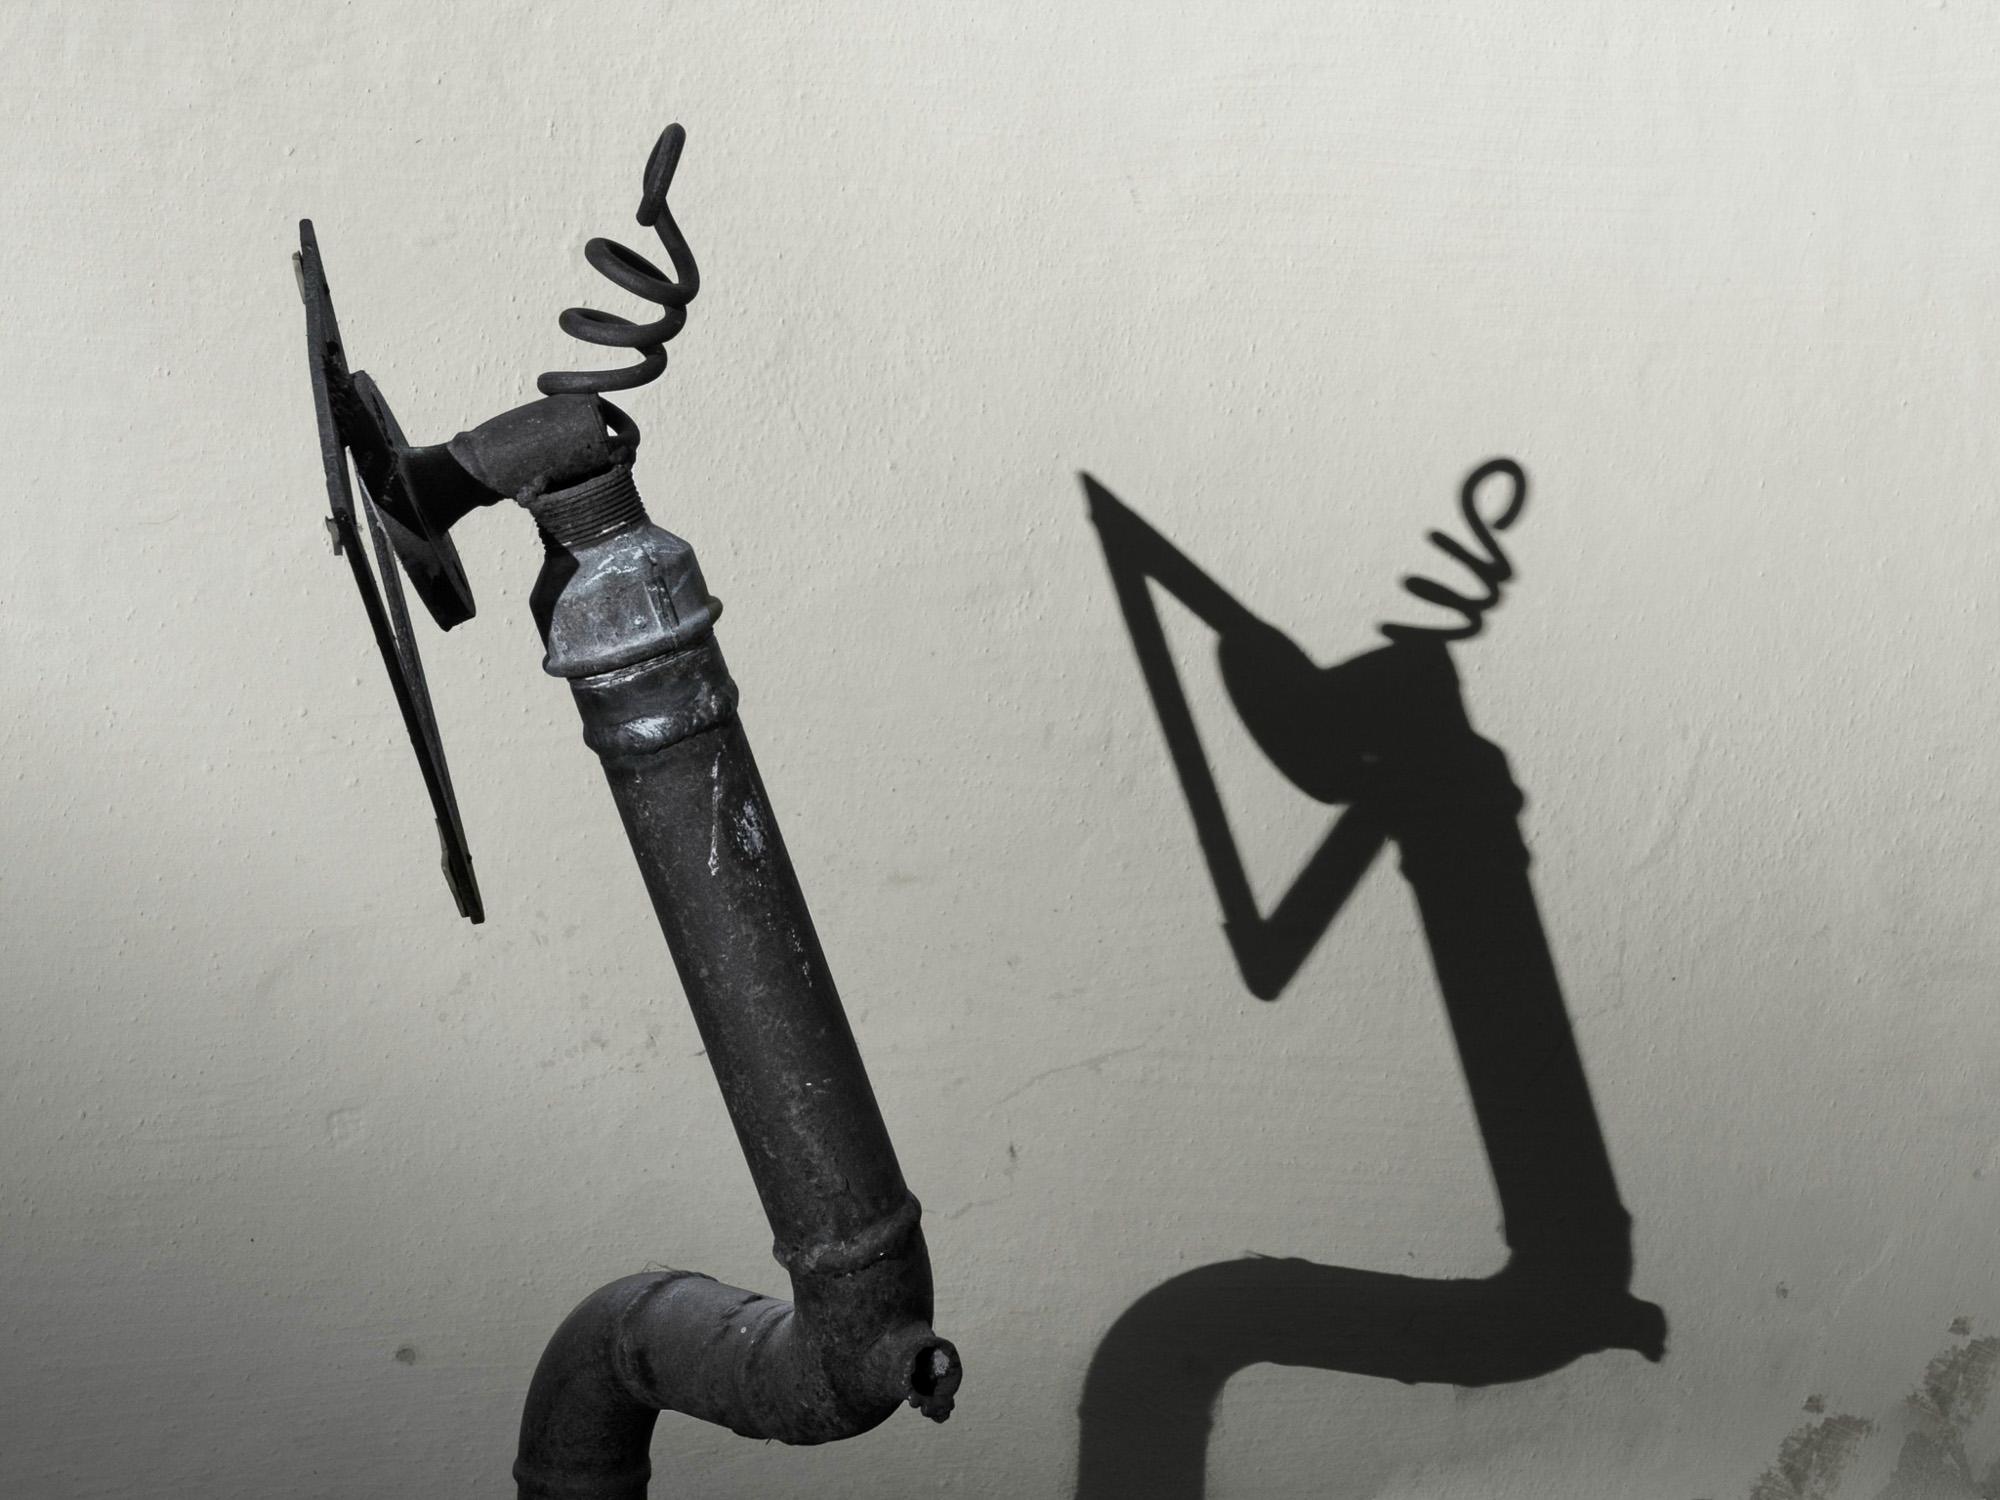 Halbes Kunstwerk mit Sprungfeder